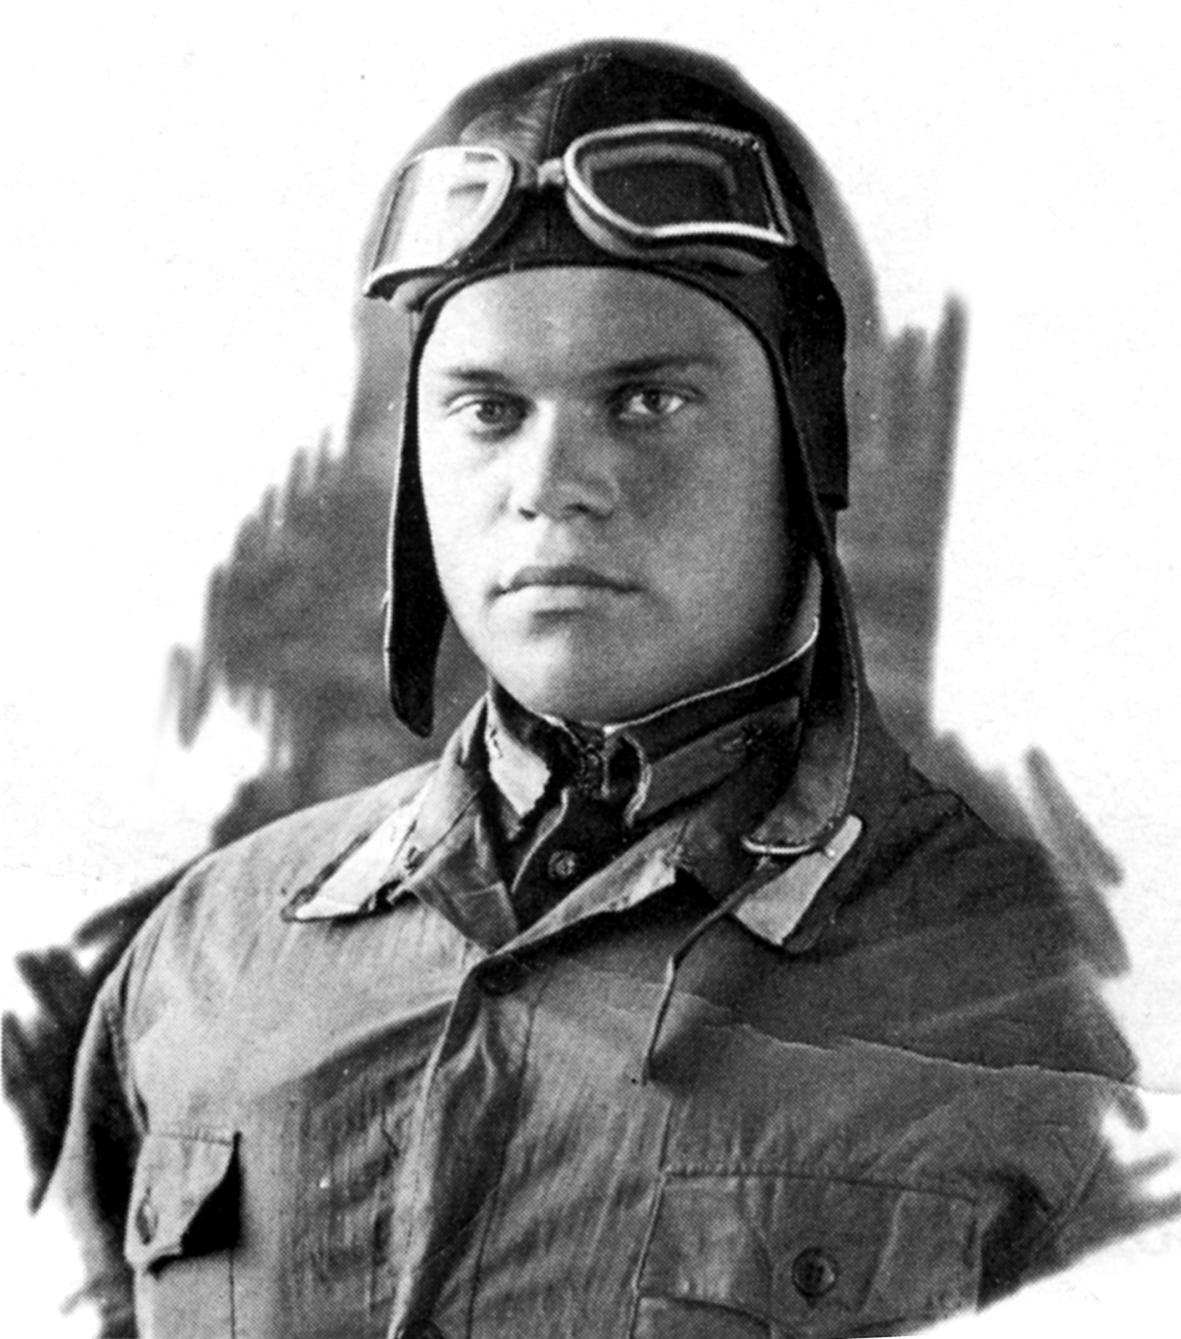 Летчик Воробьев